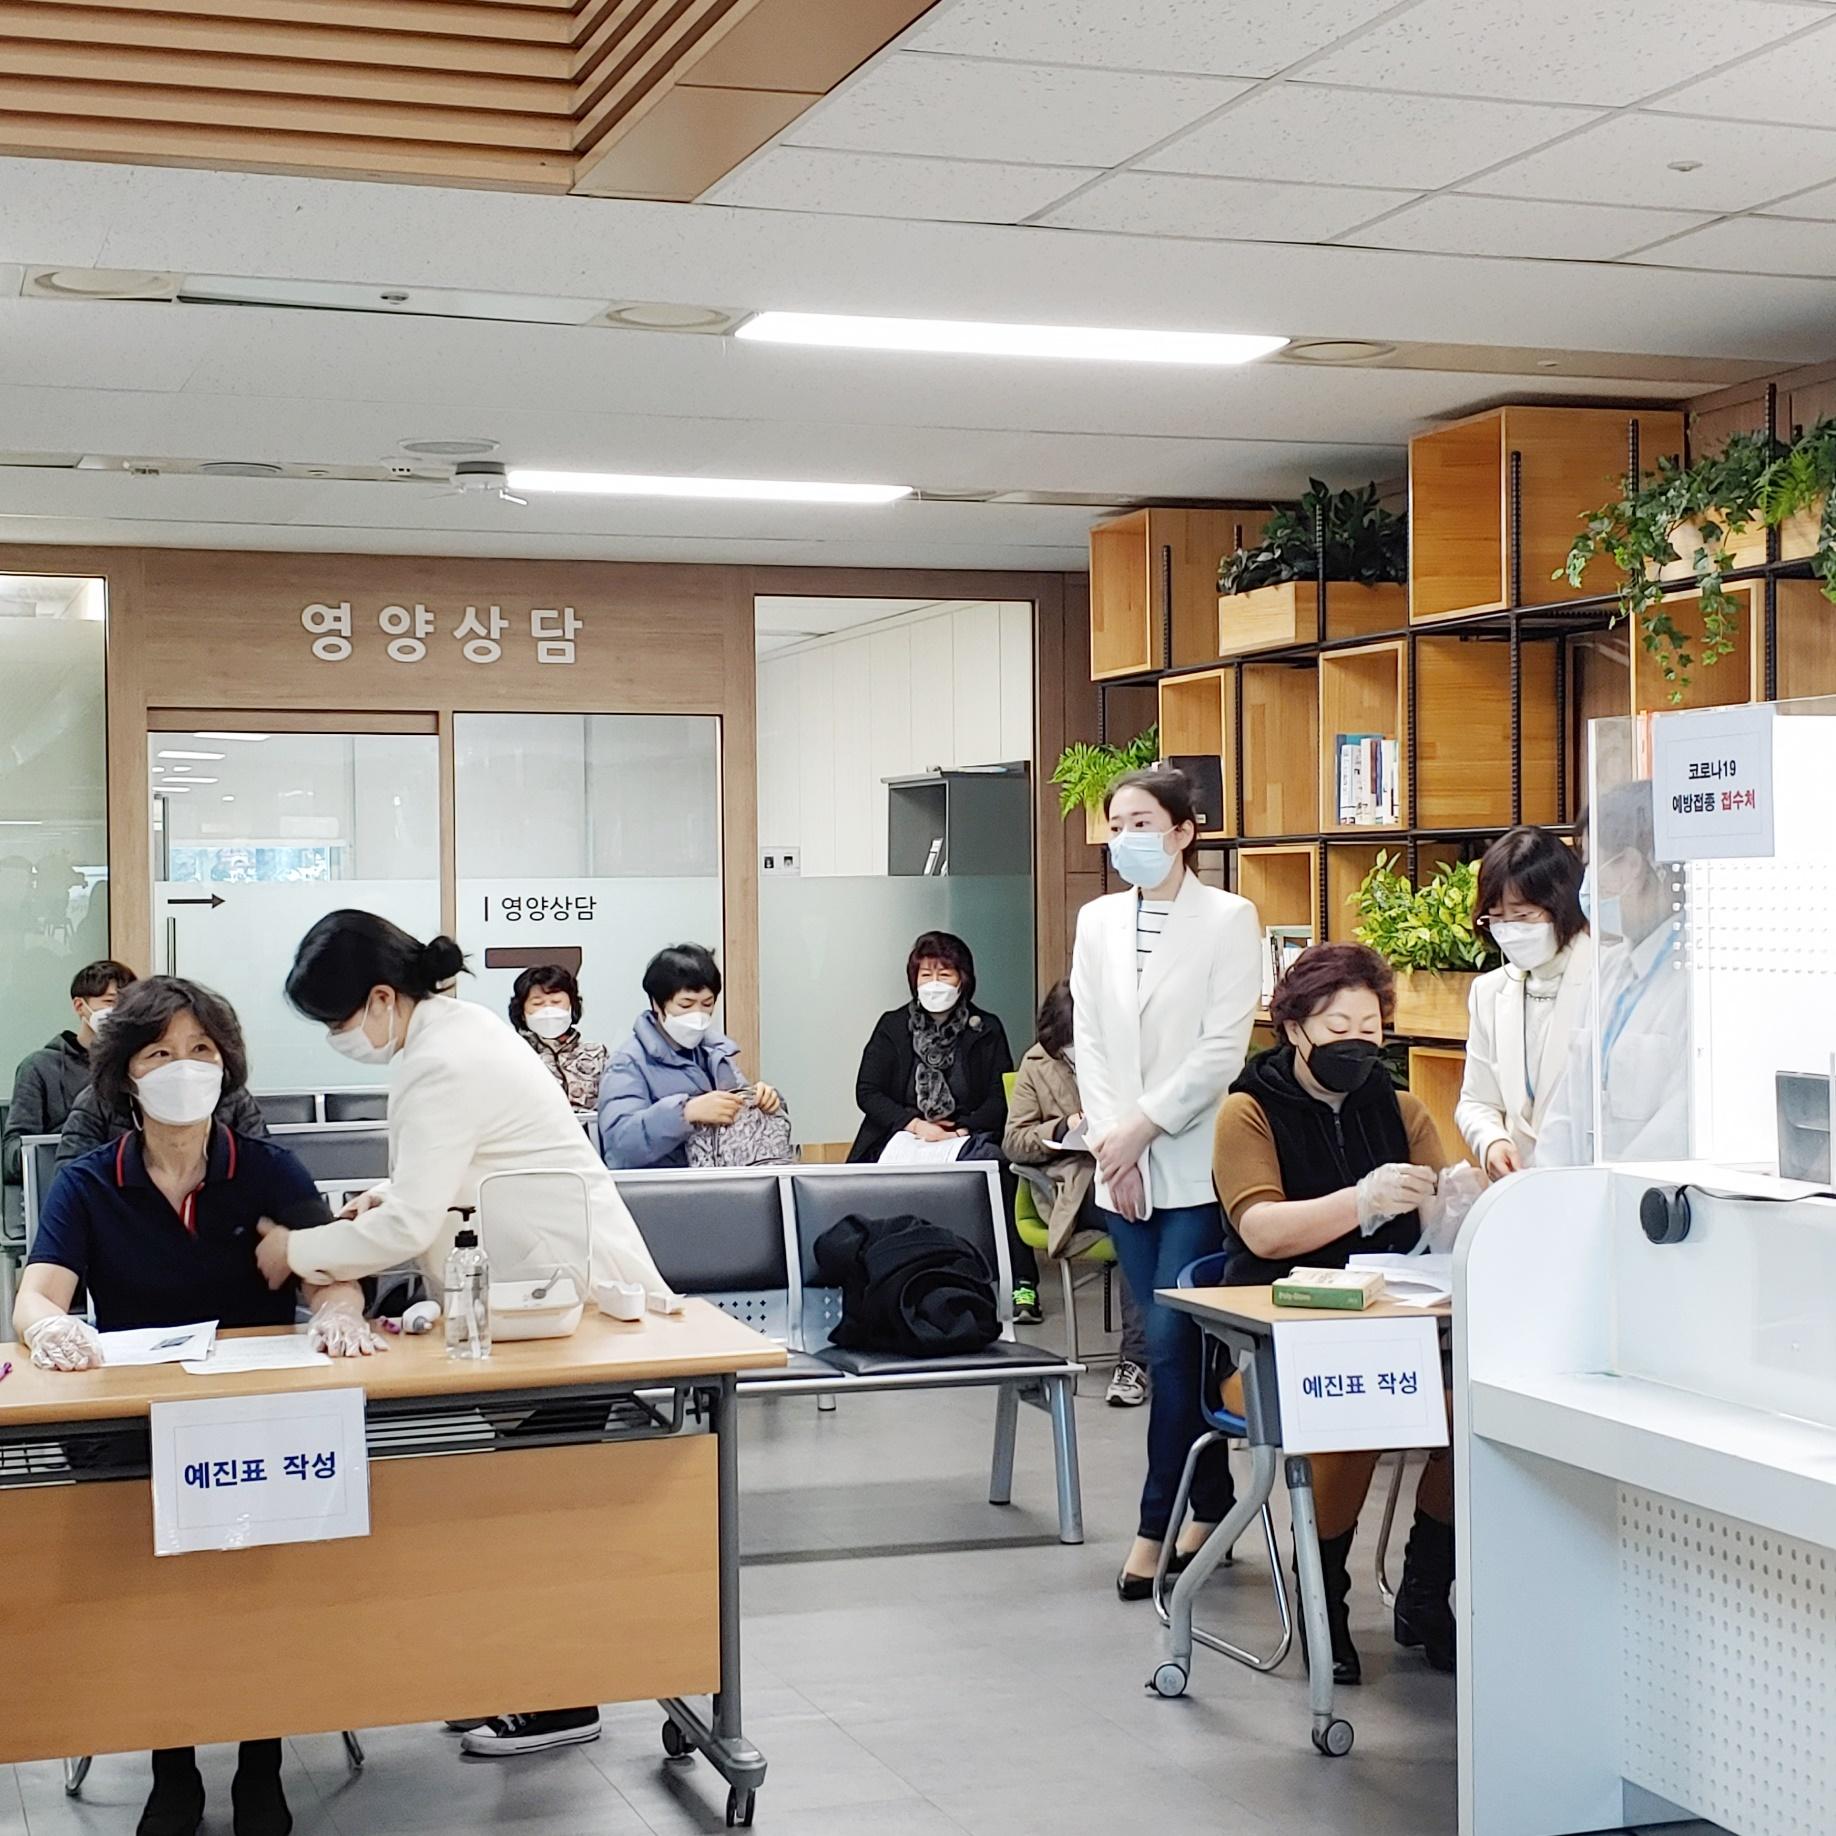 2월 26일 서울 관악구 코로나19 예방 백신 접종 현장